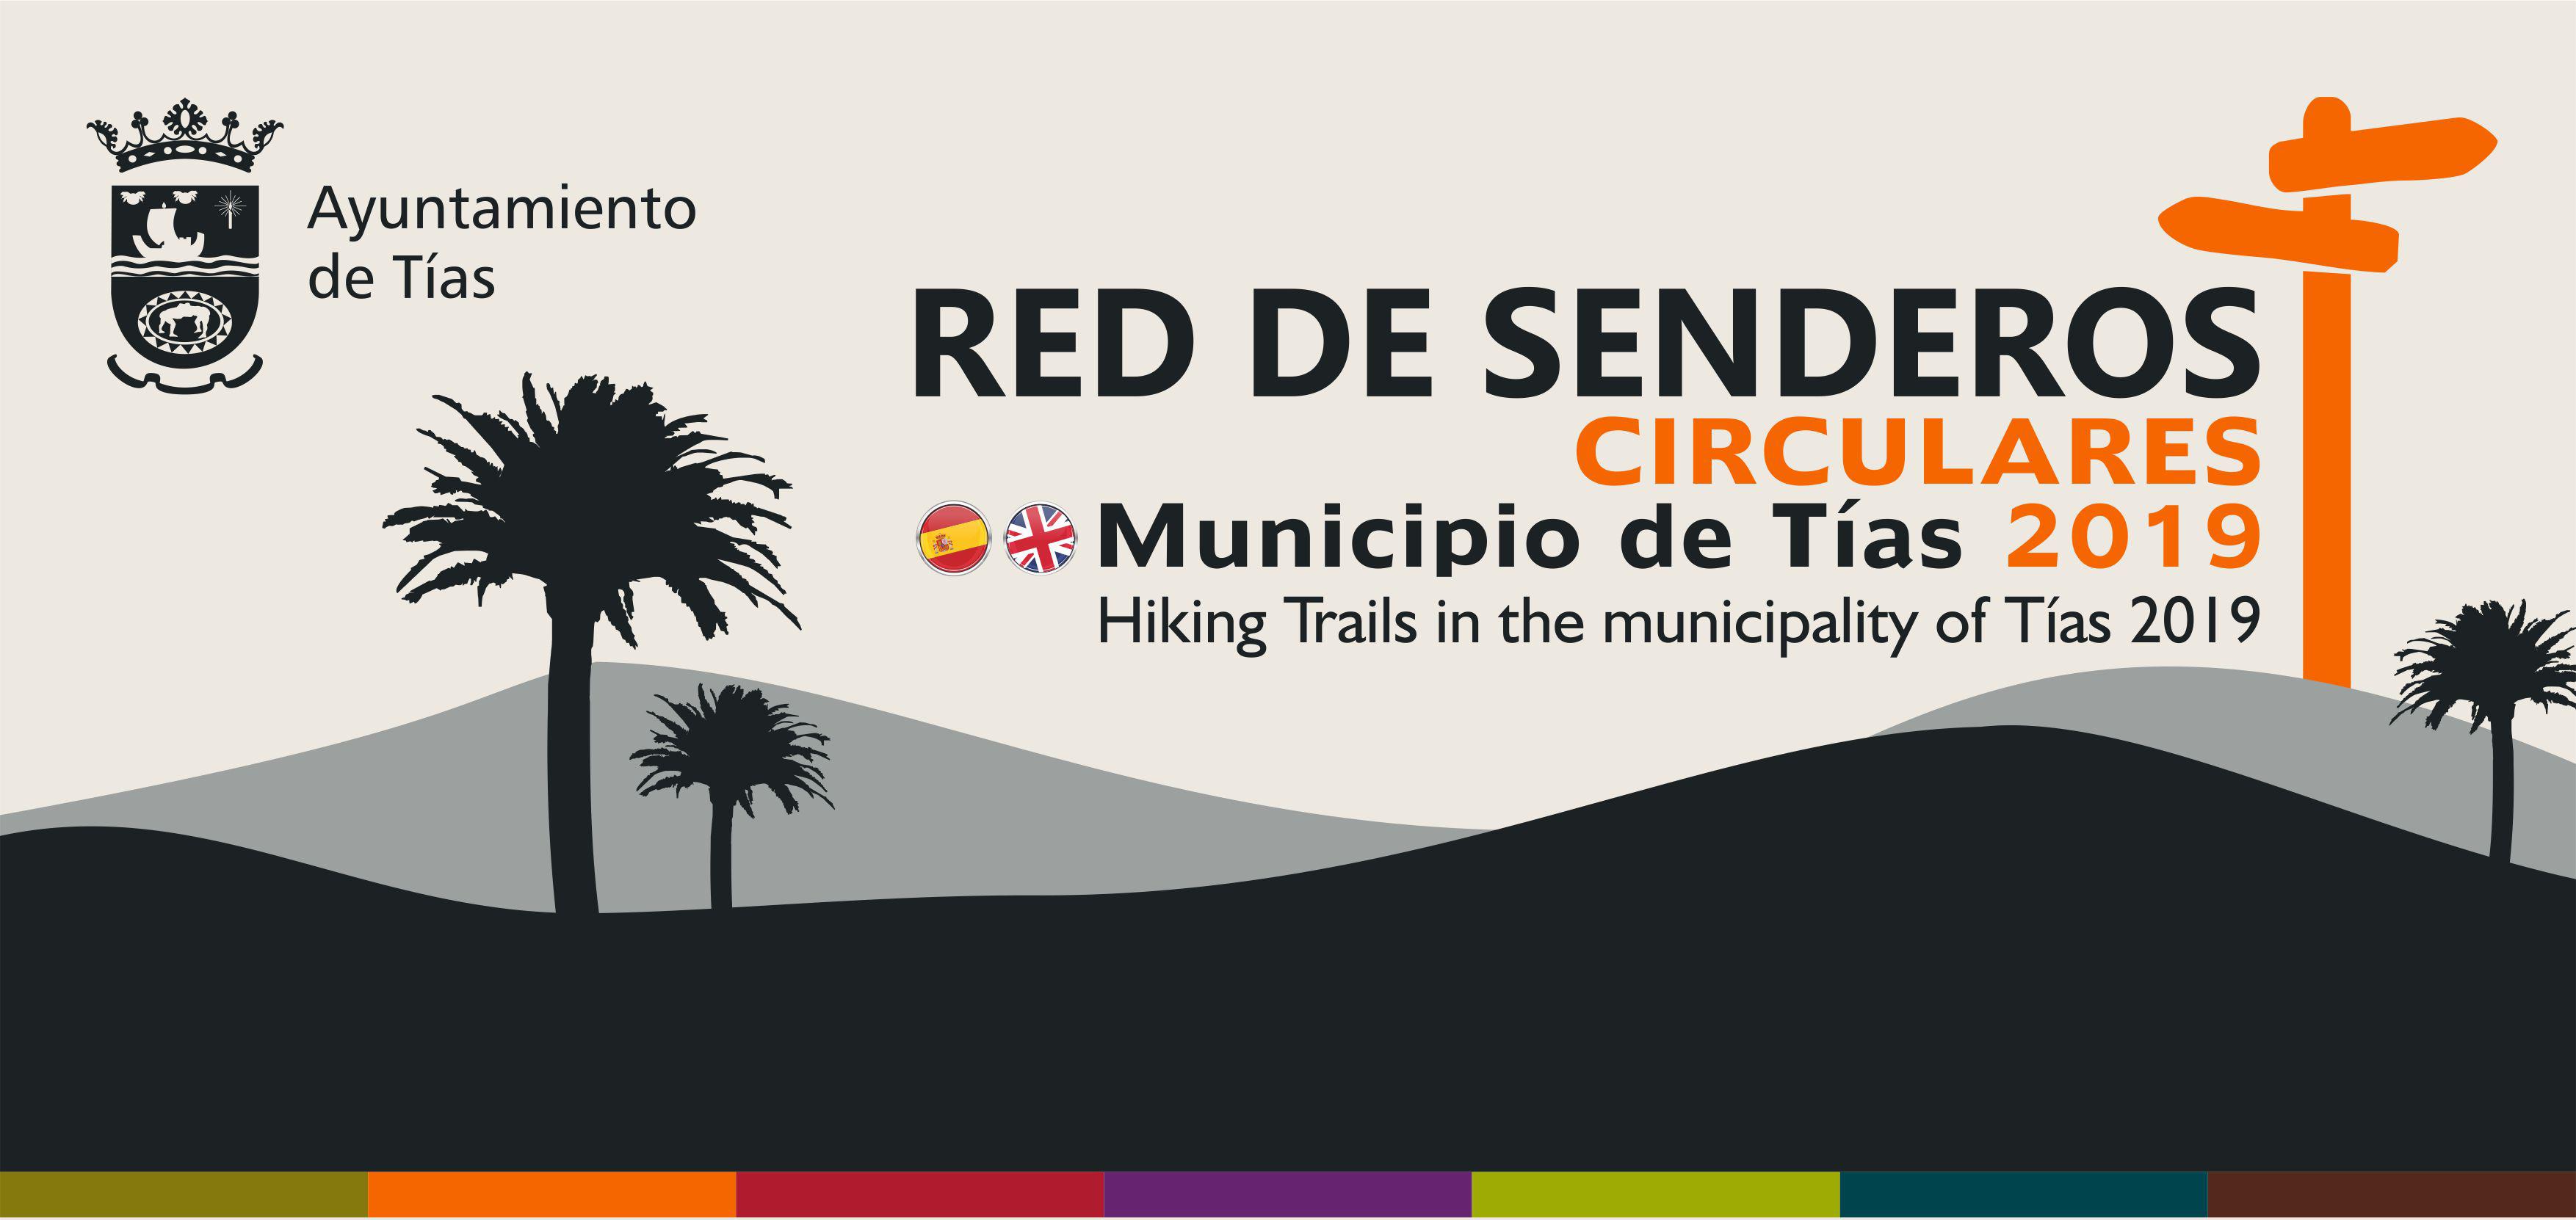 Red de Senderos del municipio de Tías 2019